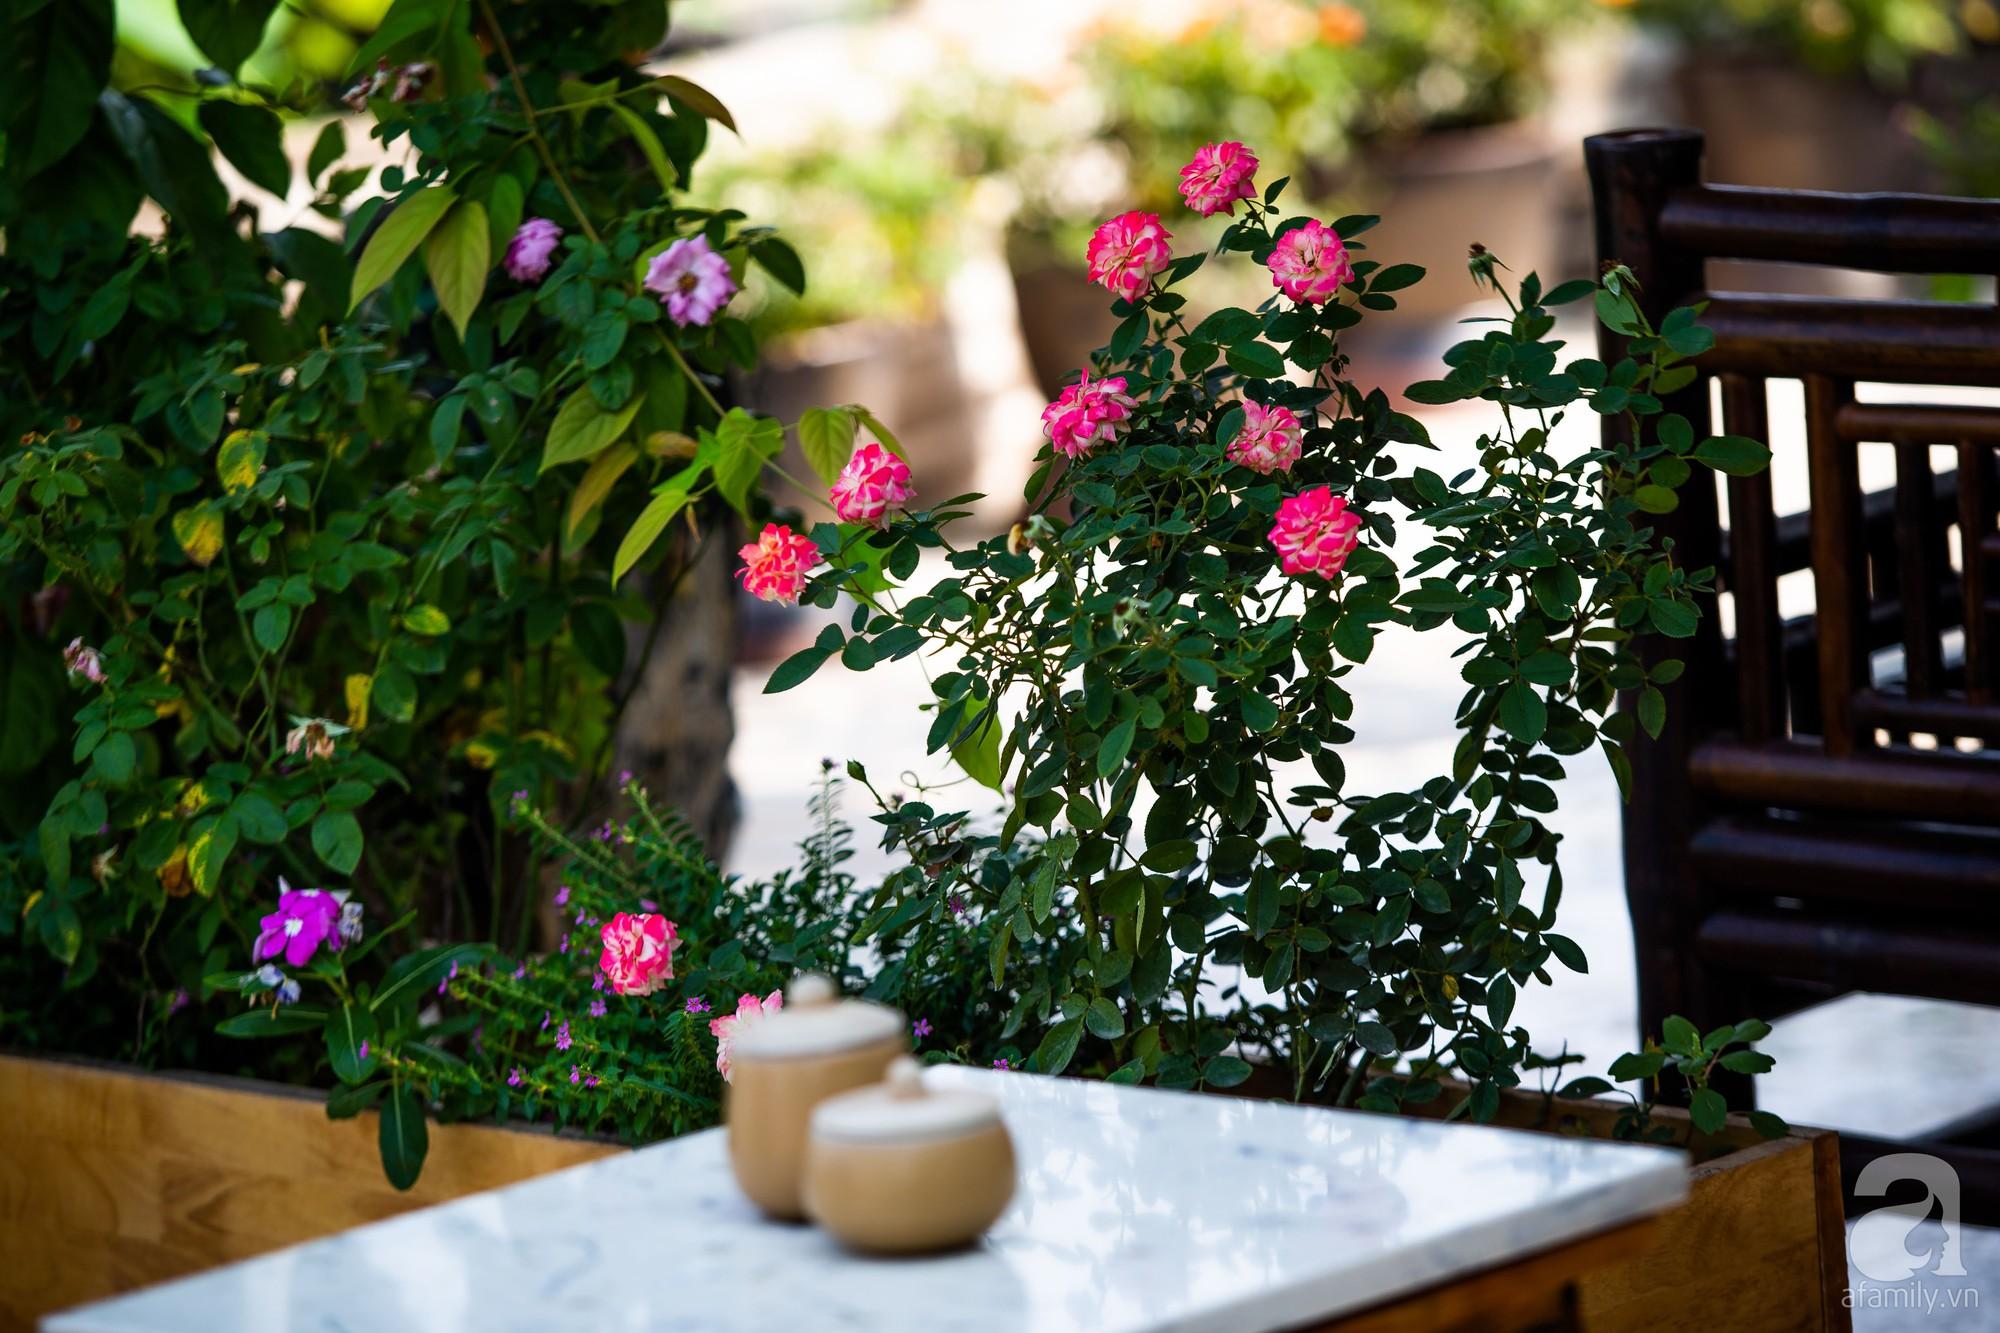 Khu vườn trên sân thượng rộng 200m² đẹp ngỡ ngàng với trăm loài hoa đua nhau khoe sắc ở Hà Nội - Ảnh 10.